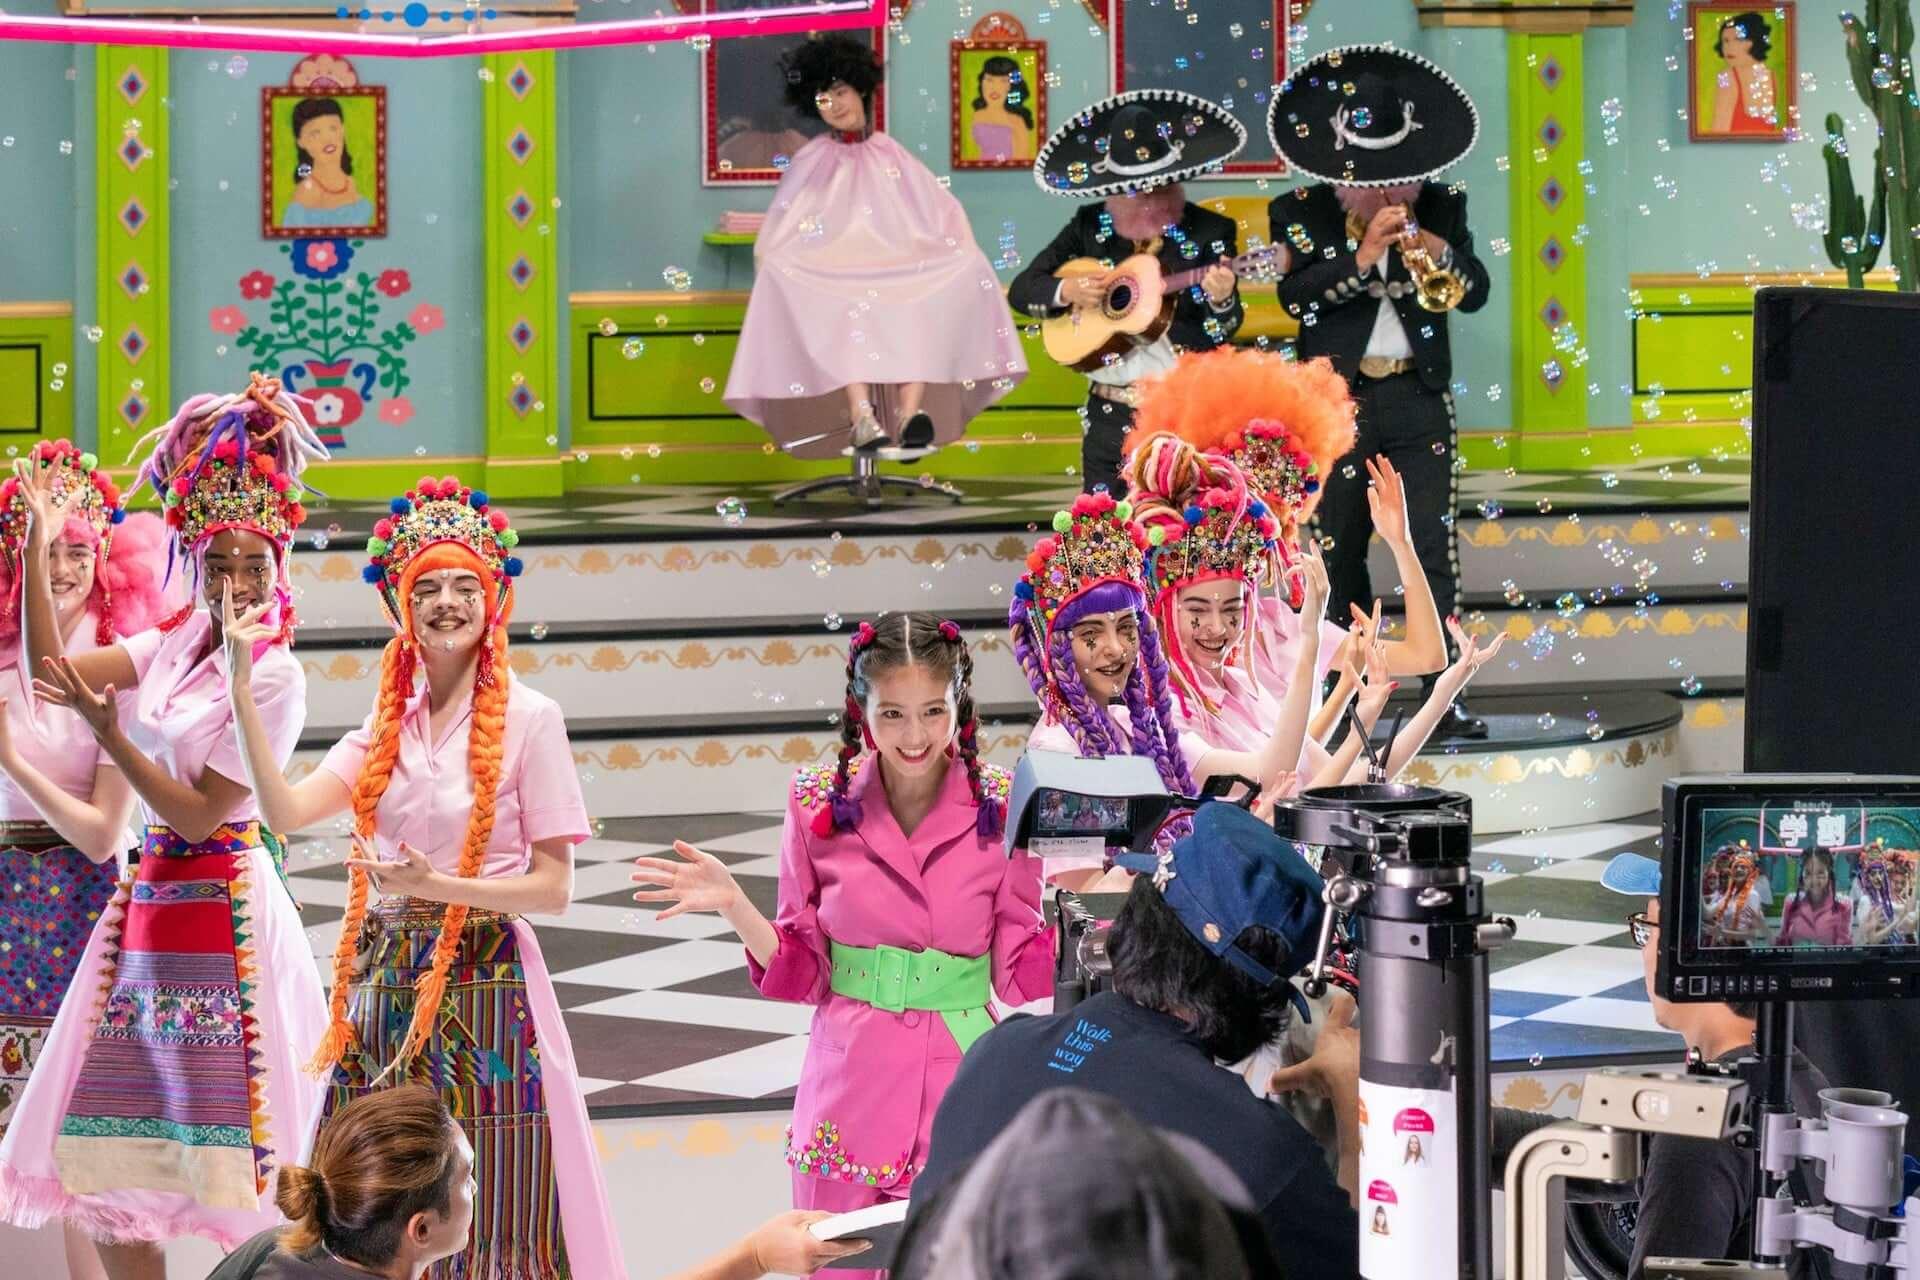 今田美桜がミュージカル風CMで不得意なダンスを披露!?メイキング&インタビュー映像も公開 life190726_imadamio_cm_12-1920x1280